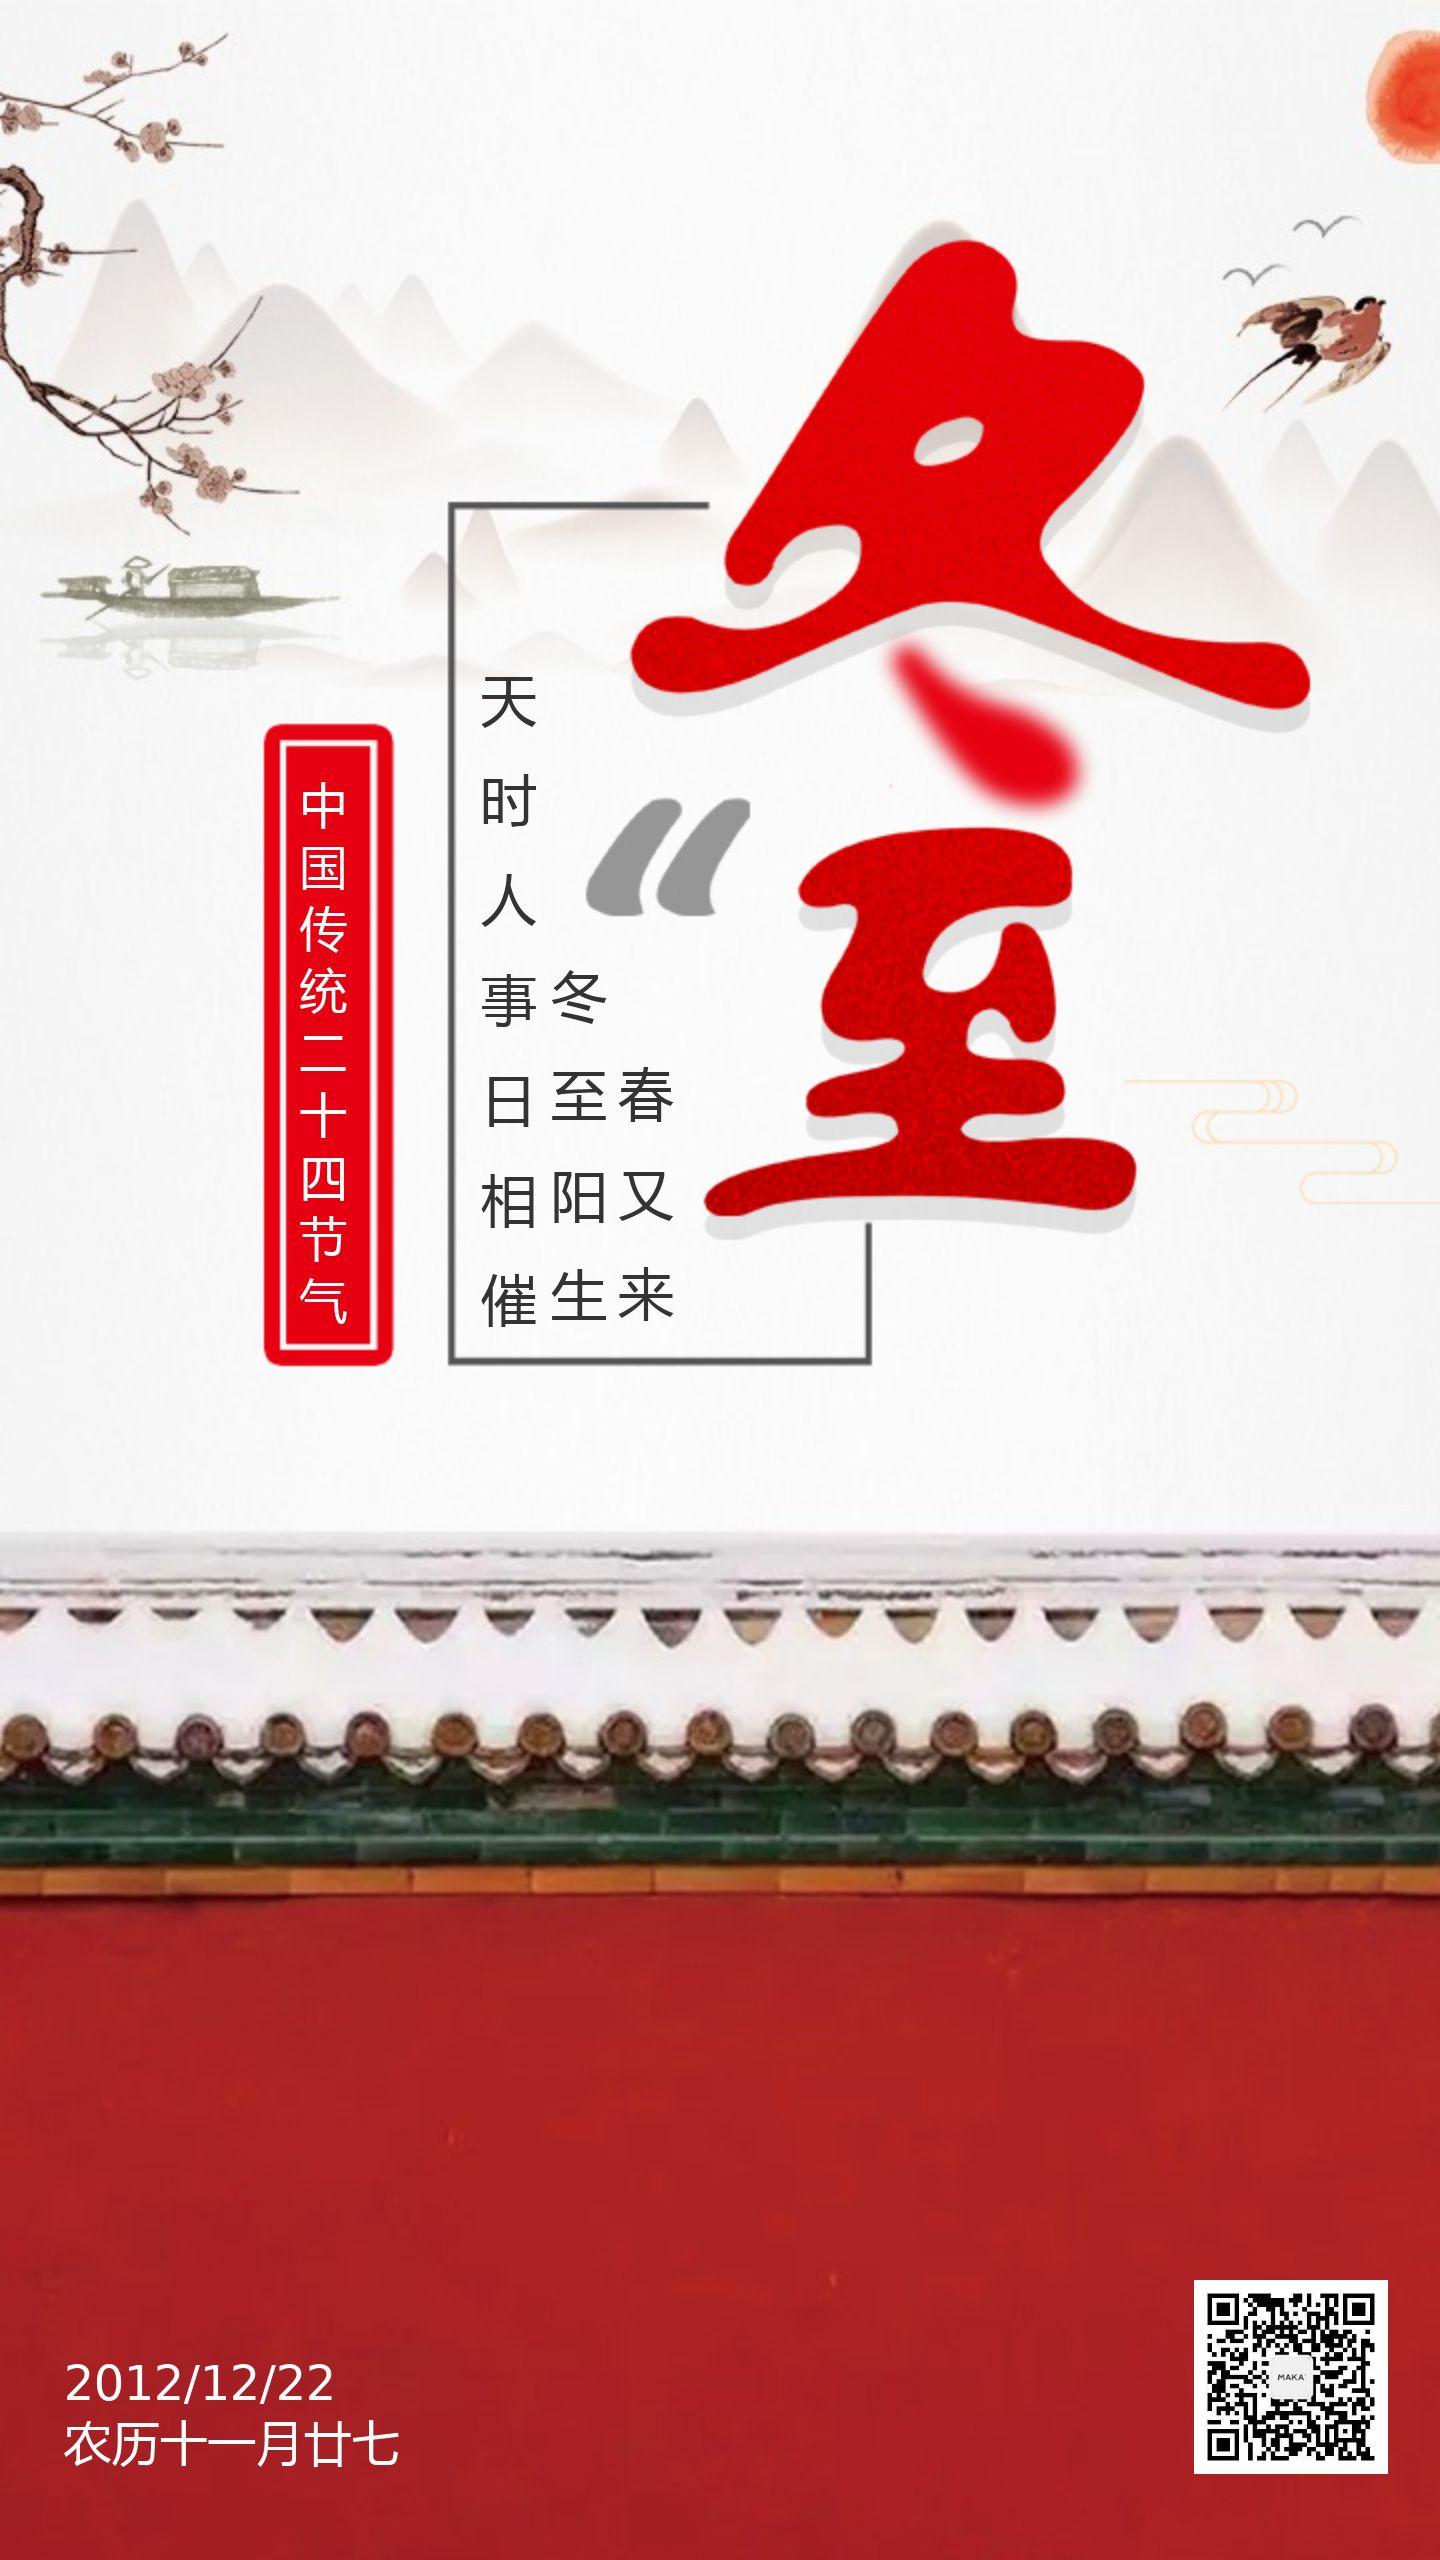 中国传统节气冬至红色中国风海报